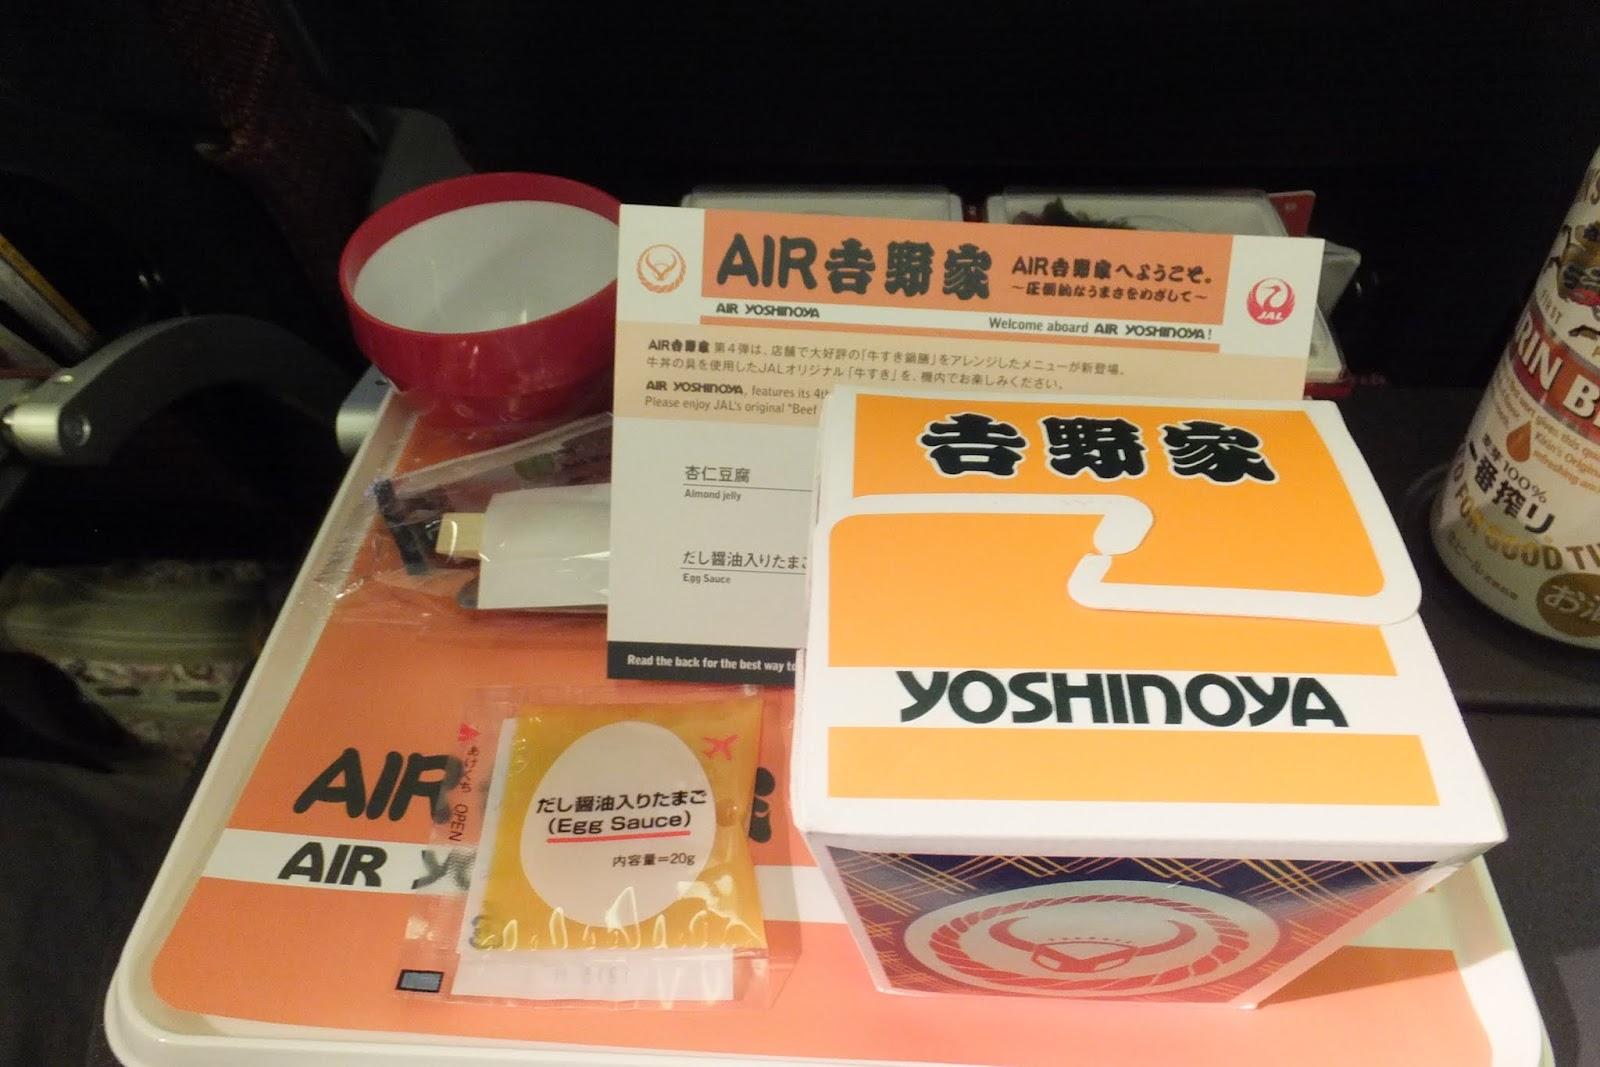 Air-yoshinoya エア吉野家